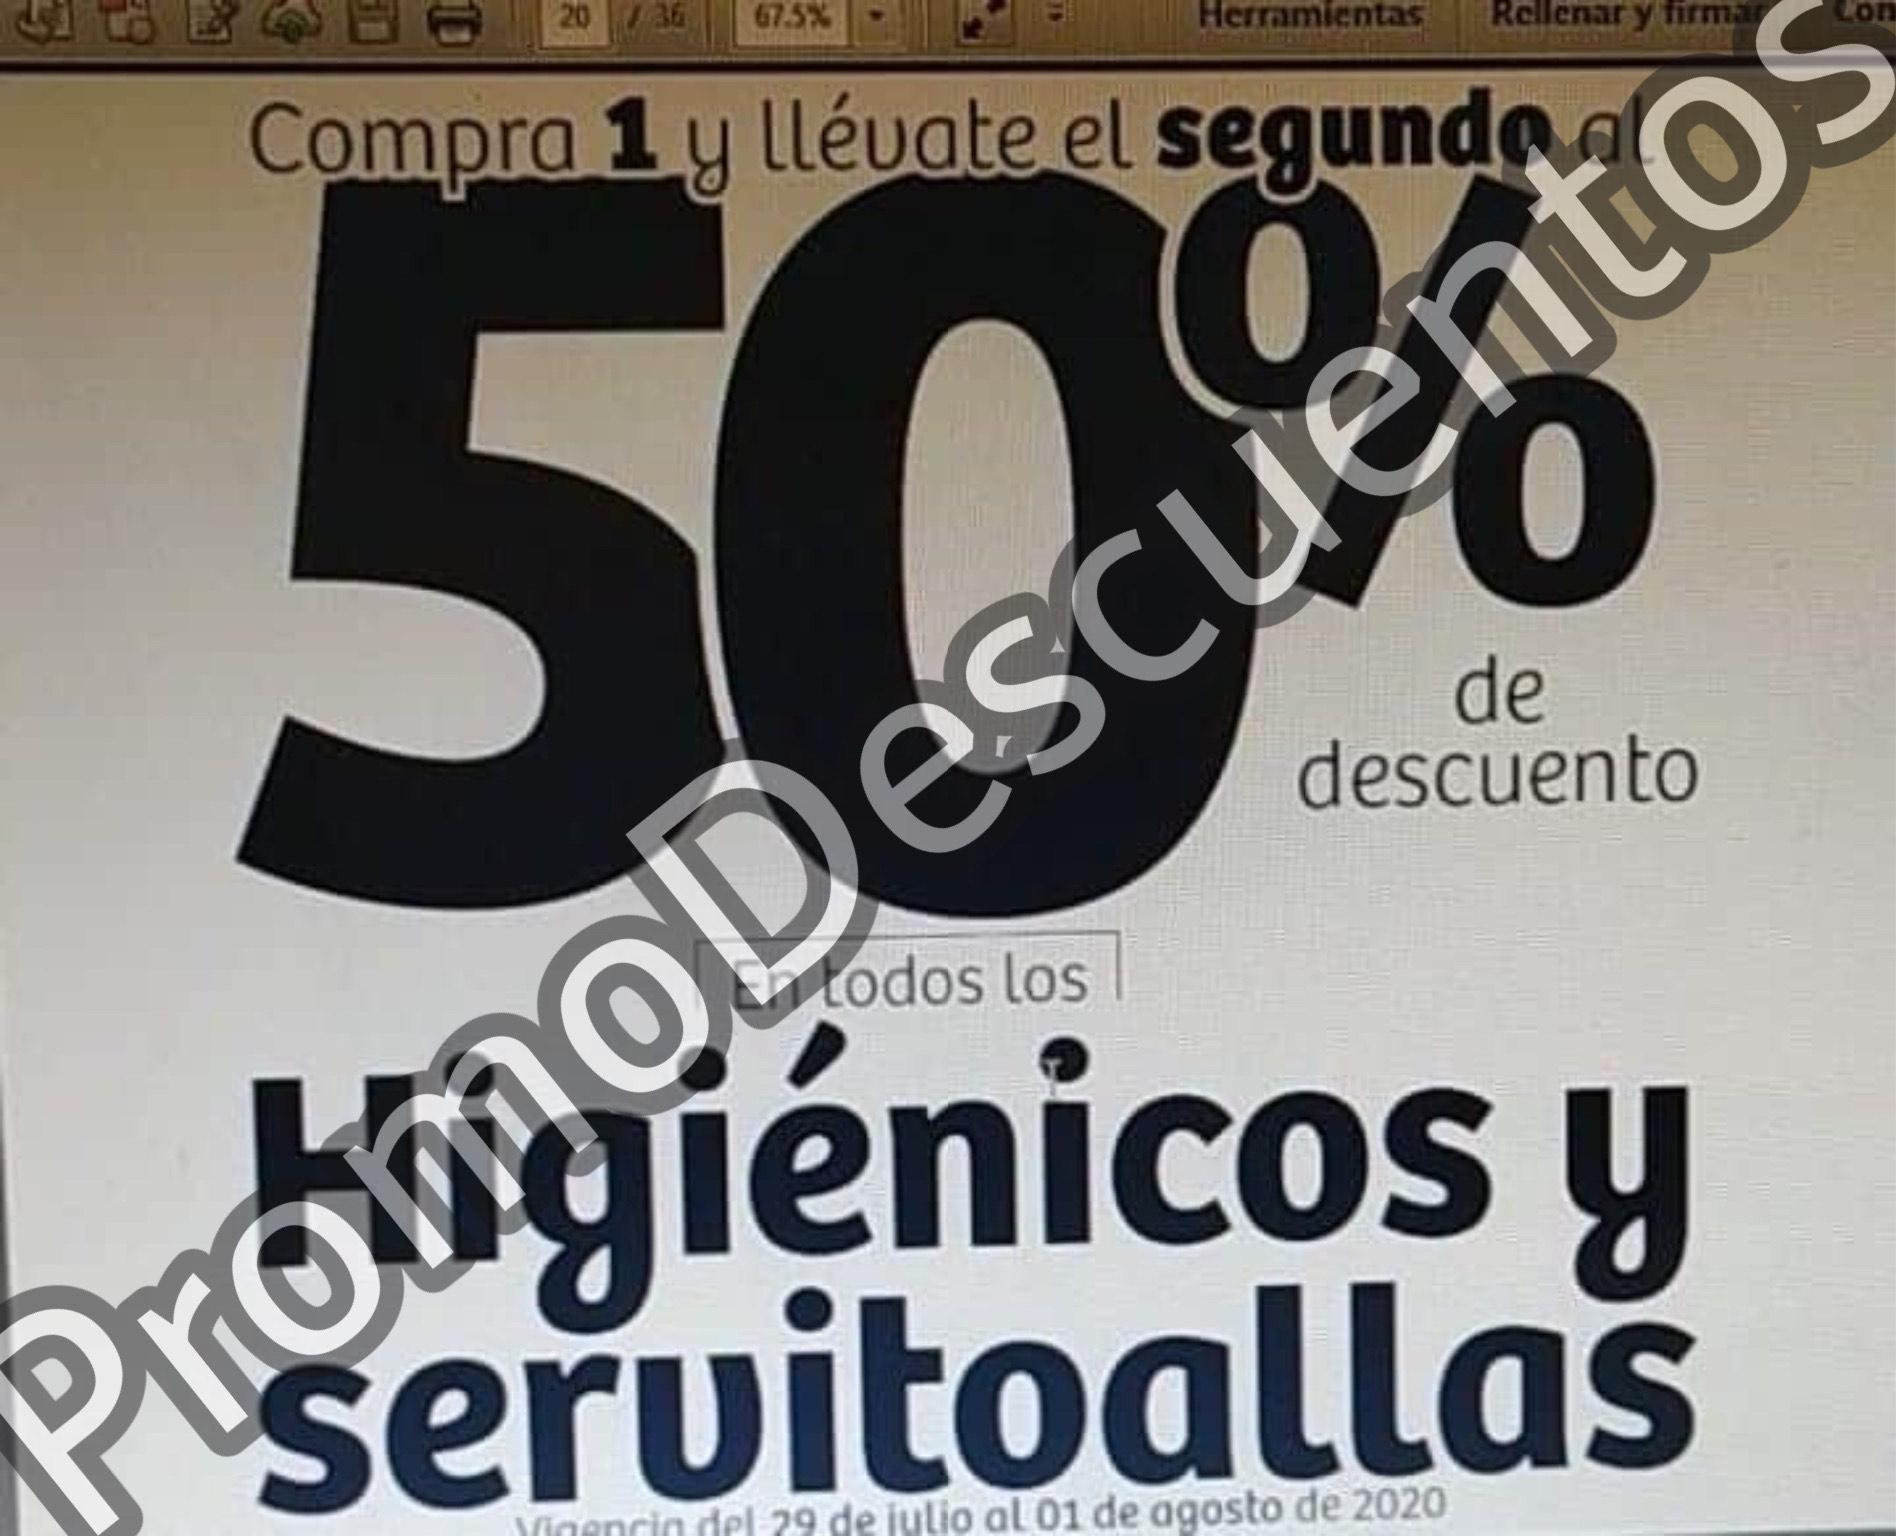 Julio Regalado 2020 en Soriana: Segundo al 50% en TODO el Papel Higiénico y Servitoallas